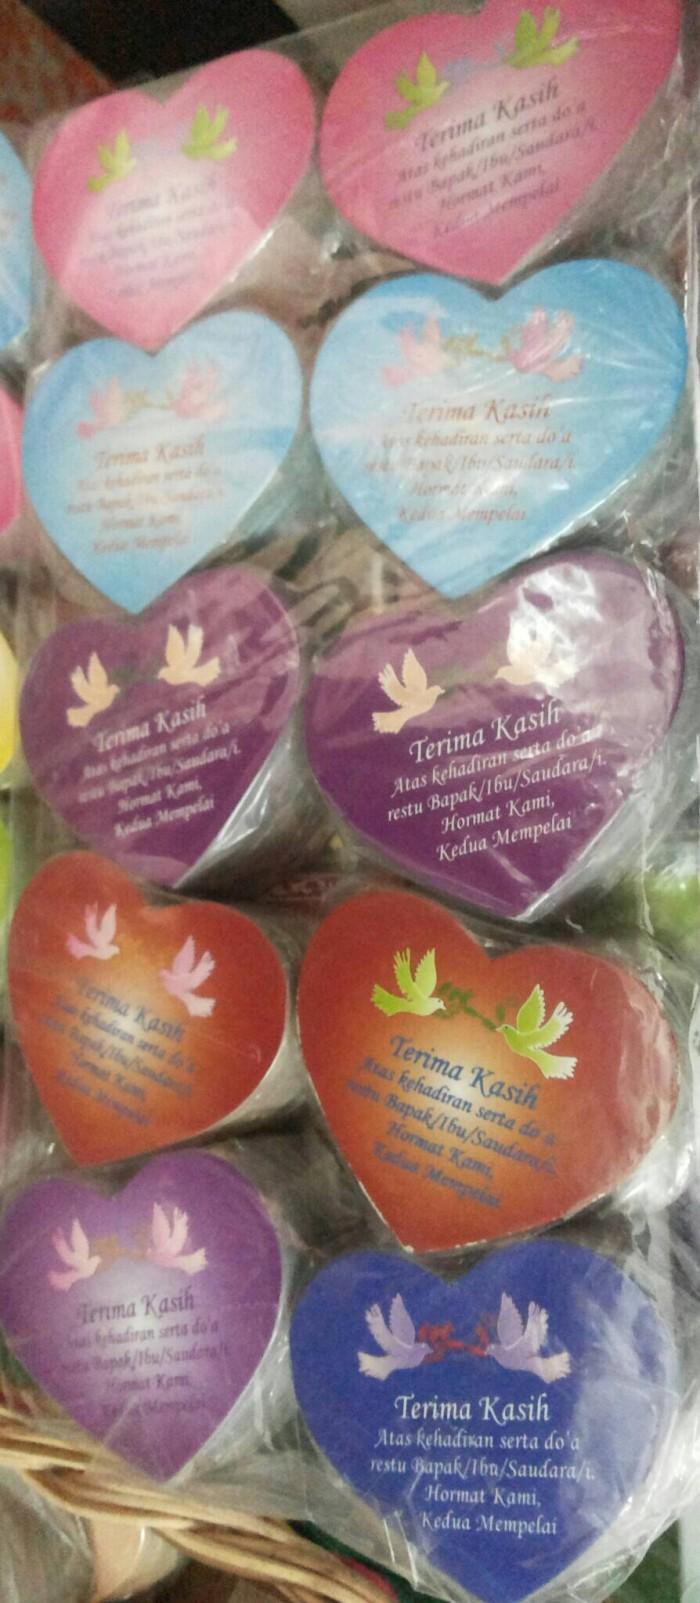 Jual Souvenir Pernikahan Kartu Ucapan Terima Kasih Love Harga Rp 6000